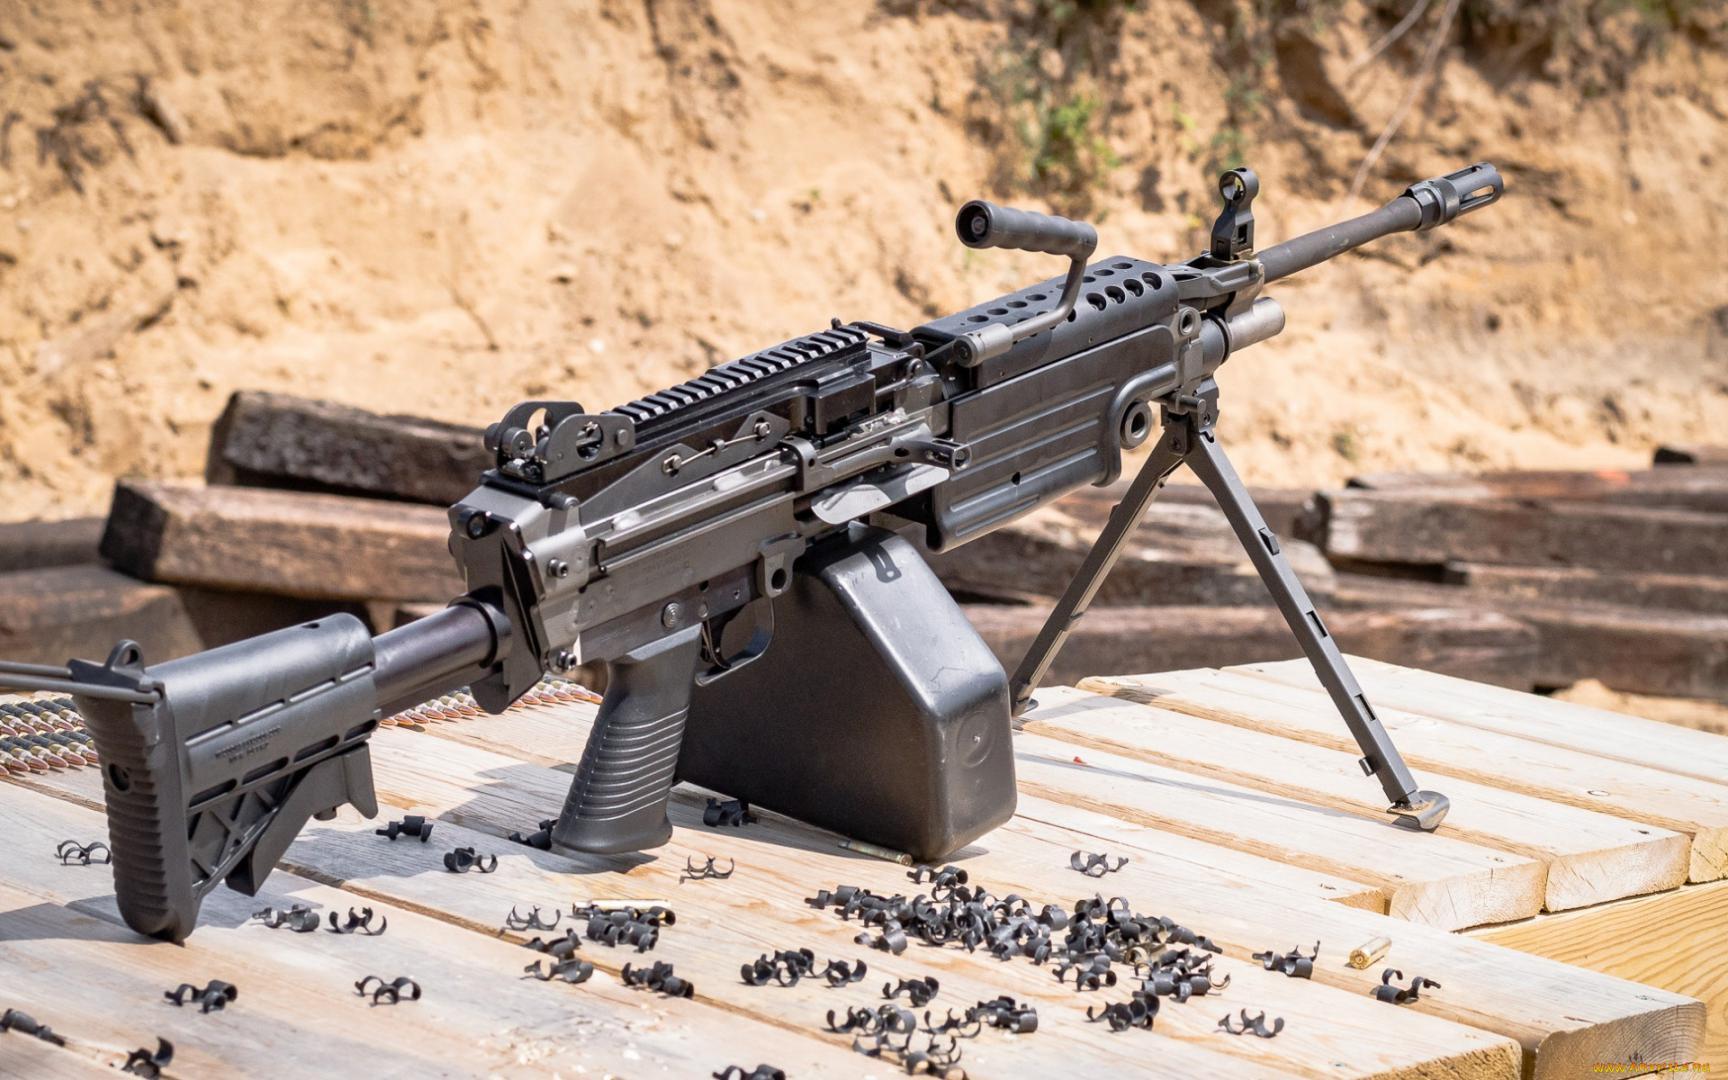 Пулемет, картинка оружия для обоев, machine gun, 1920 на 1200 пикселей